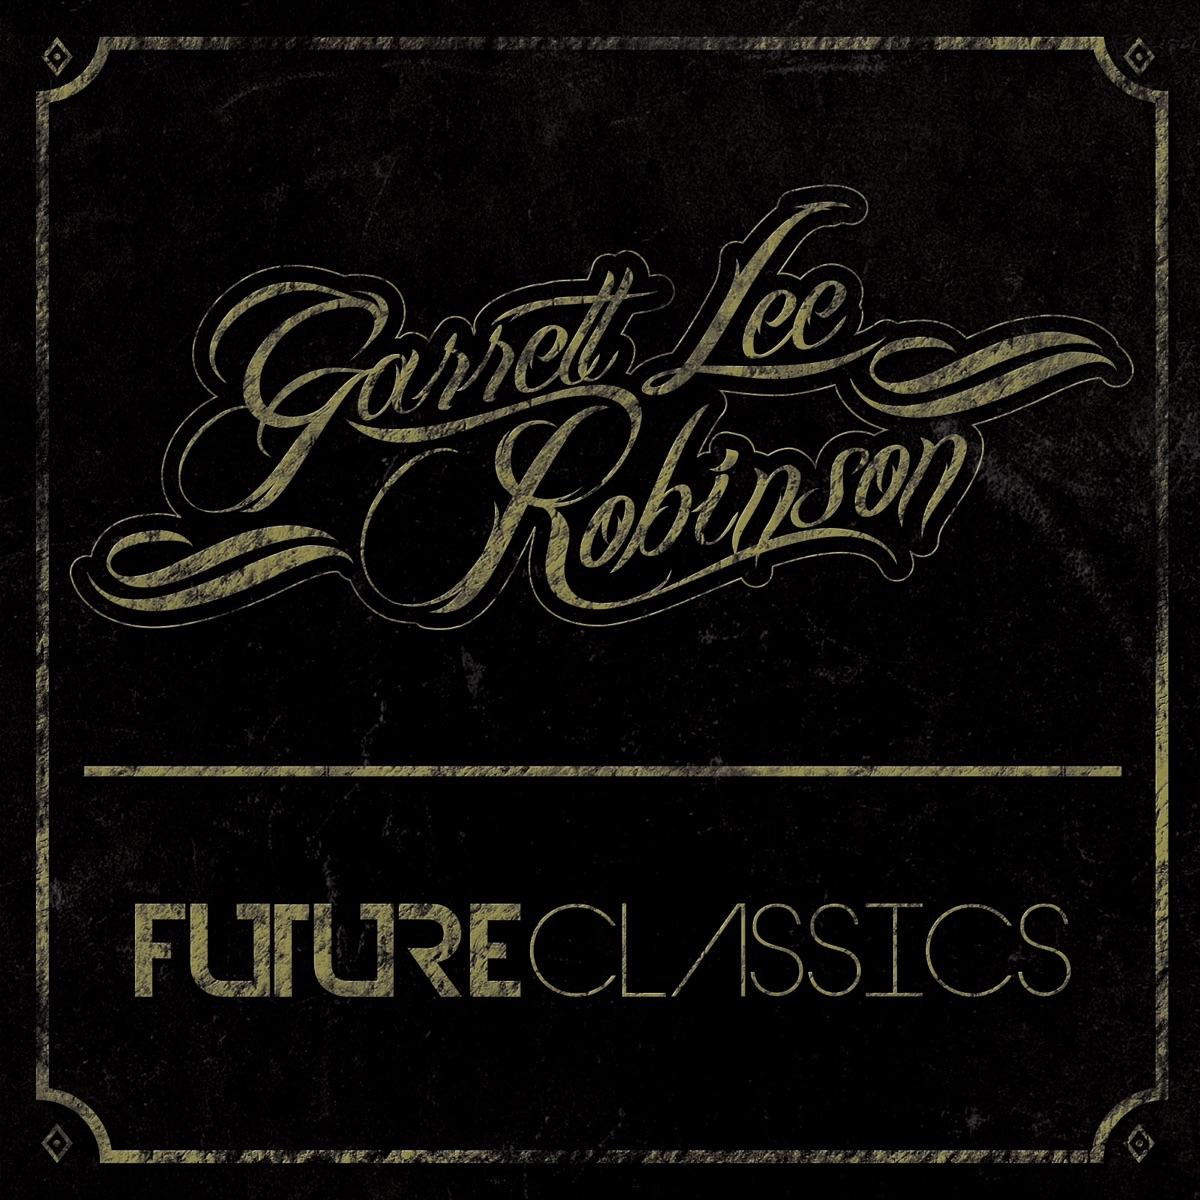 Future Classics Garrett Lee Robinson CD cover